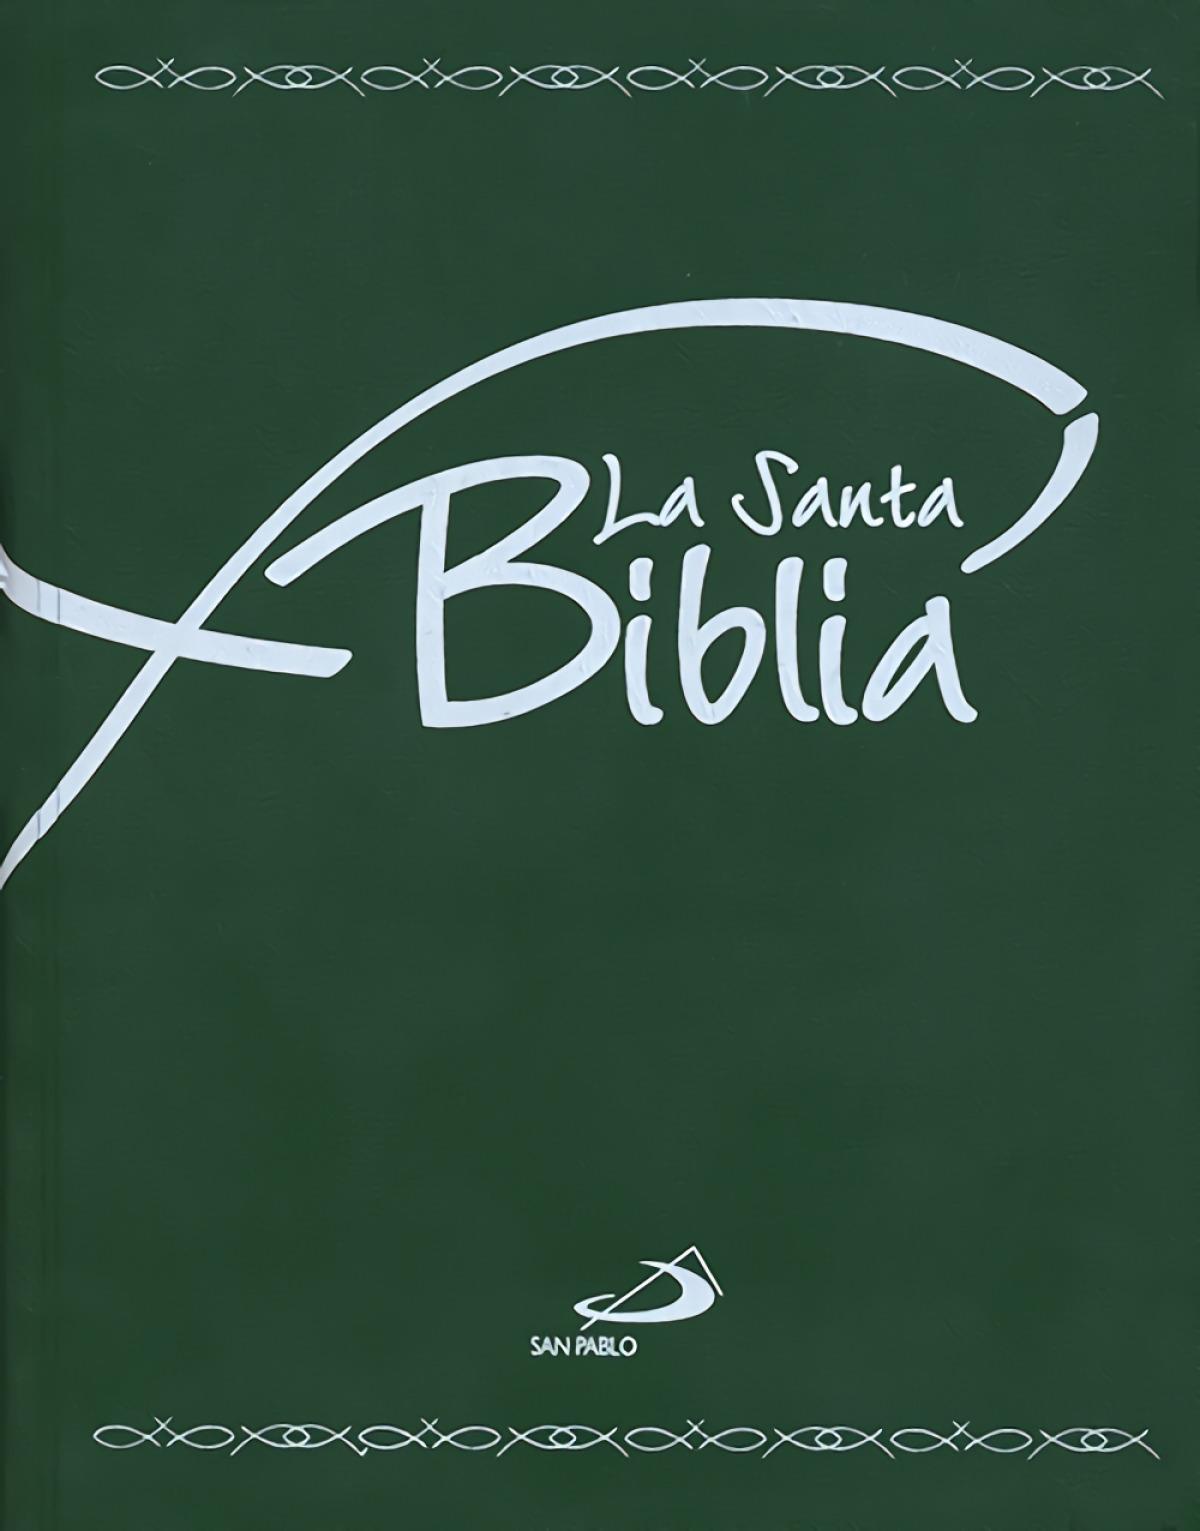 La Santa Biblia 9788428549172